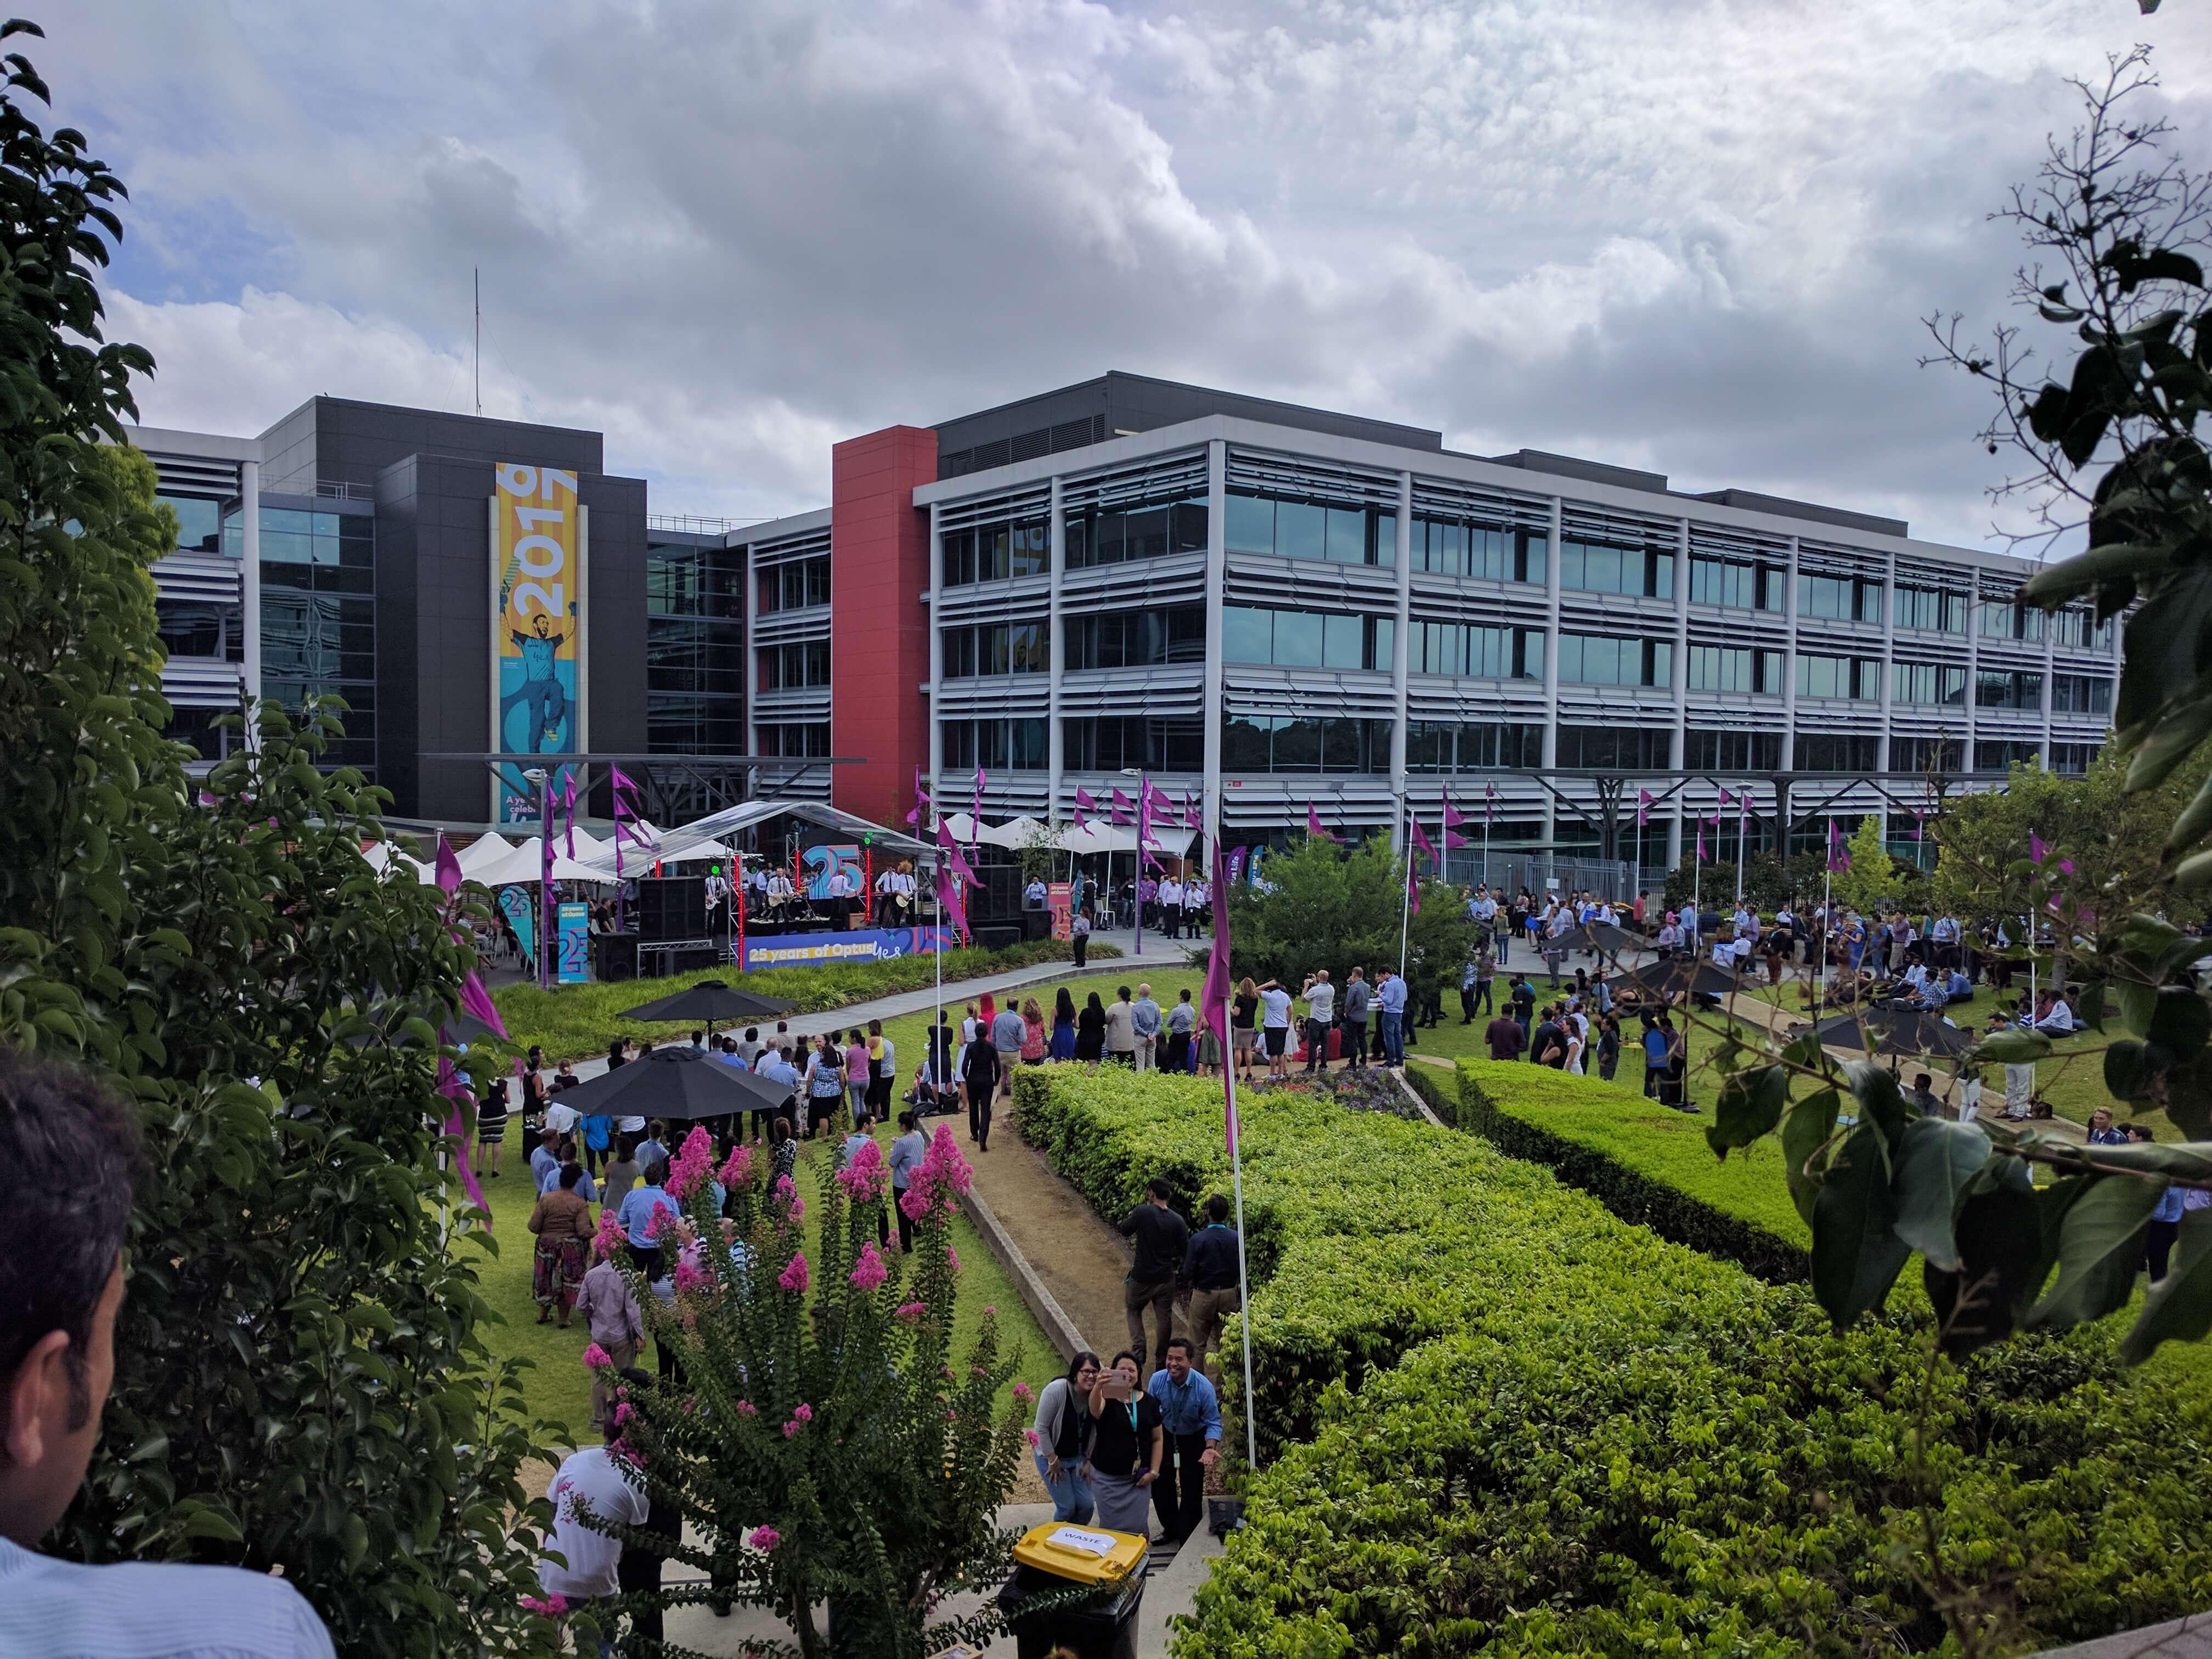 The Optus Campus